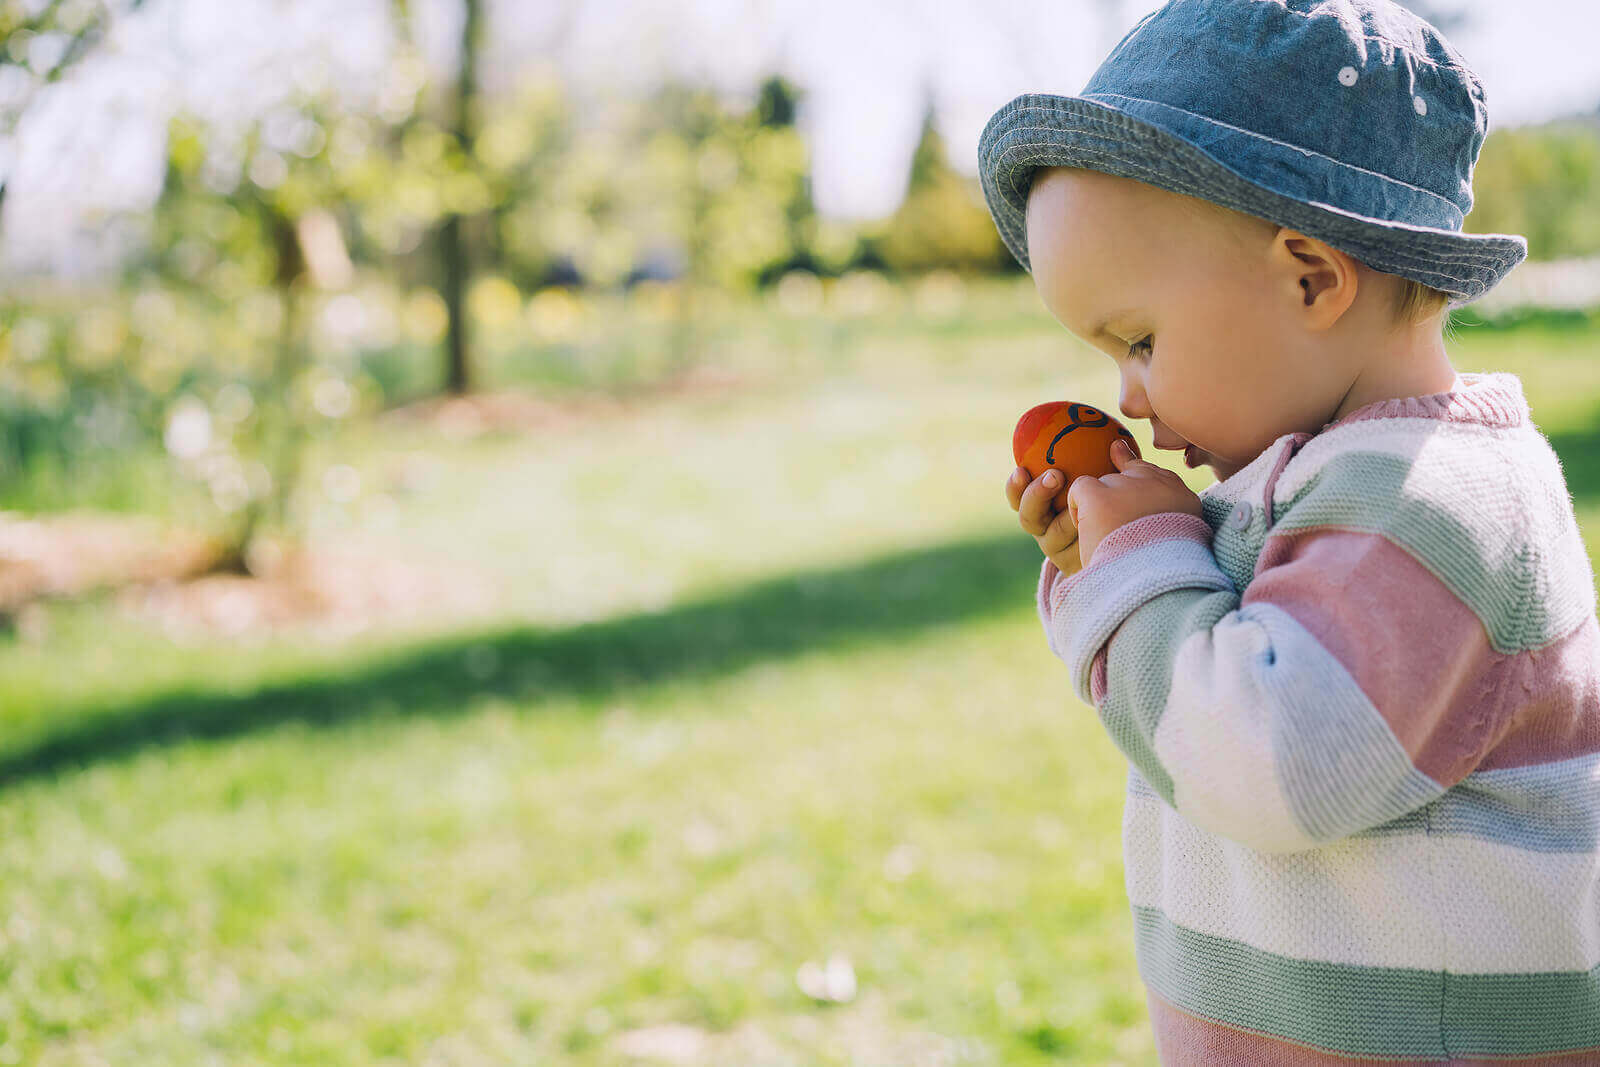 Betydningen av frilek for små barn